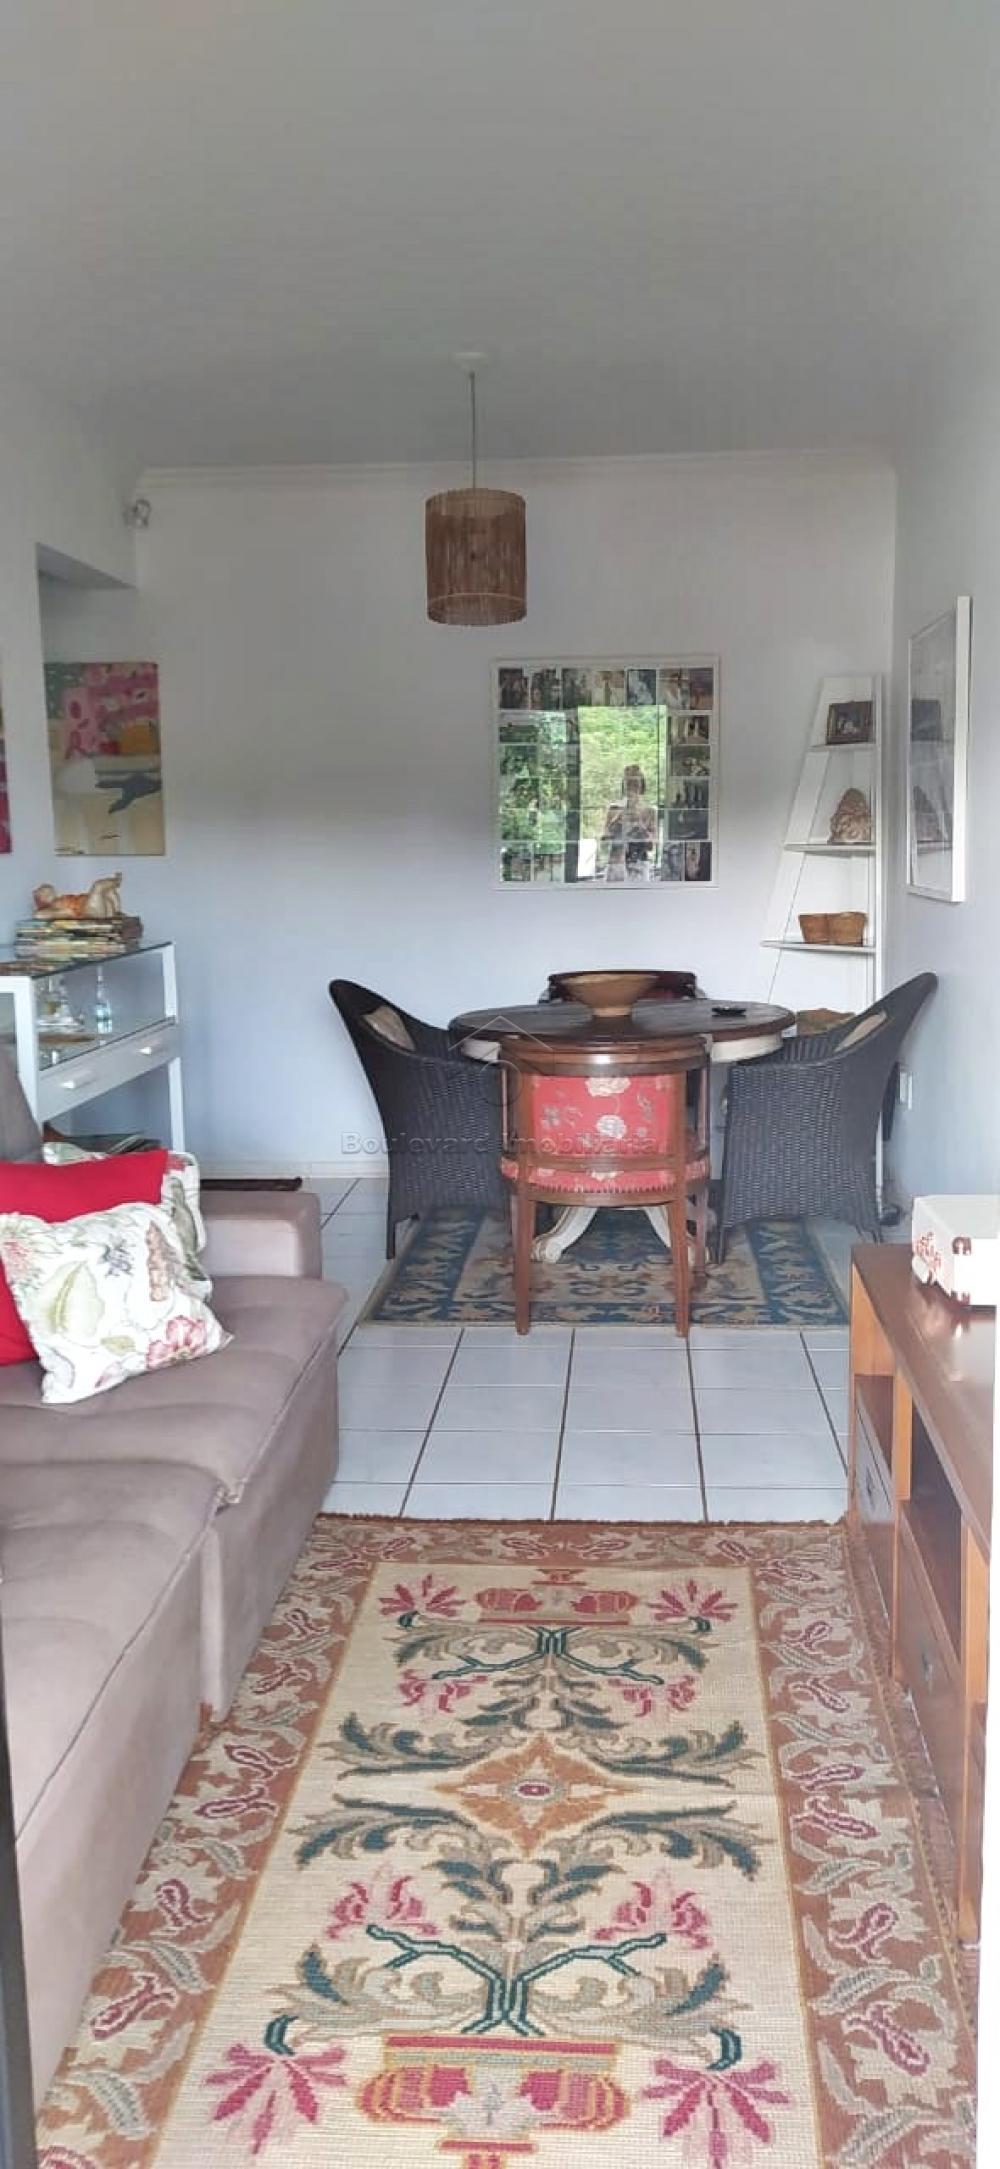 Comprar Apartamento / Padrão em Ribeirão Preto R$ 280.000,00 - Foto 4